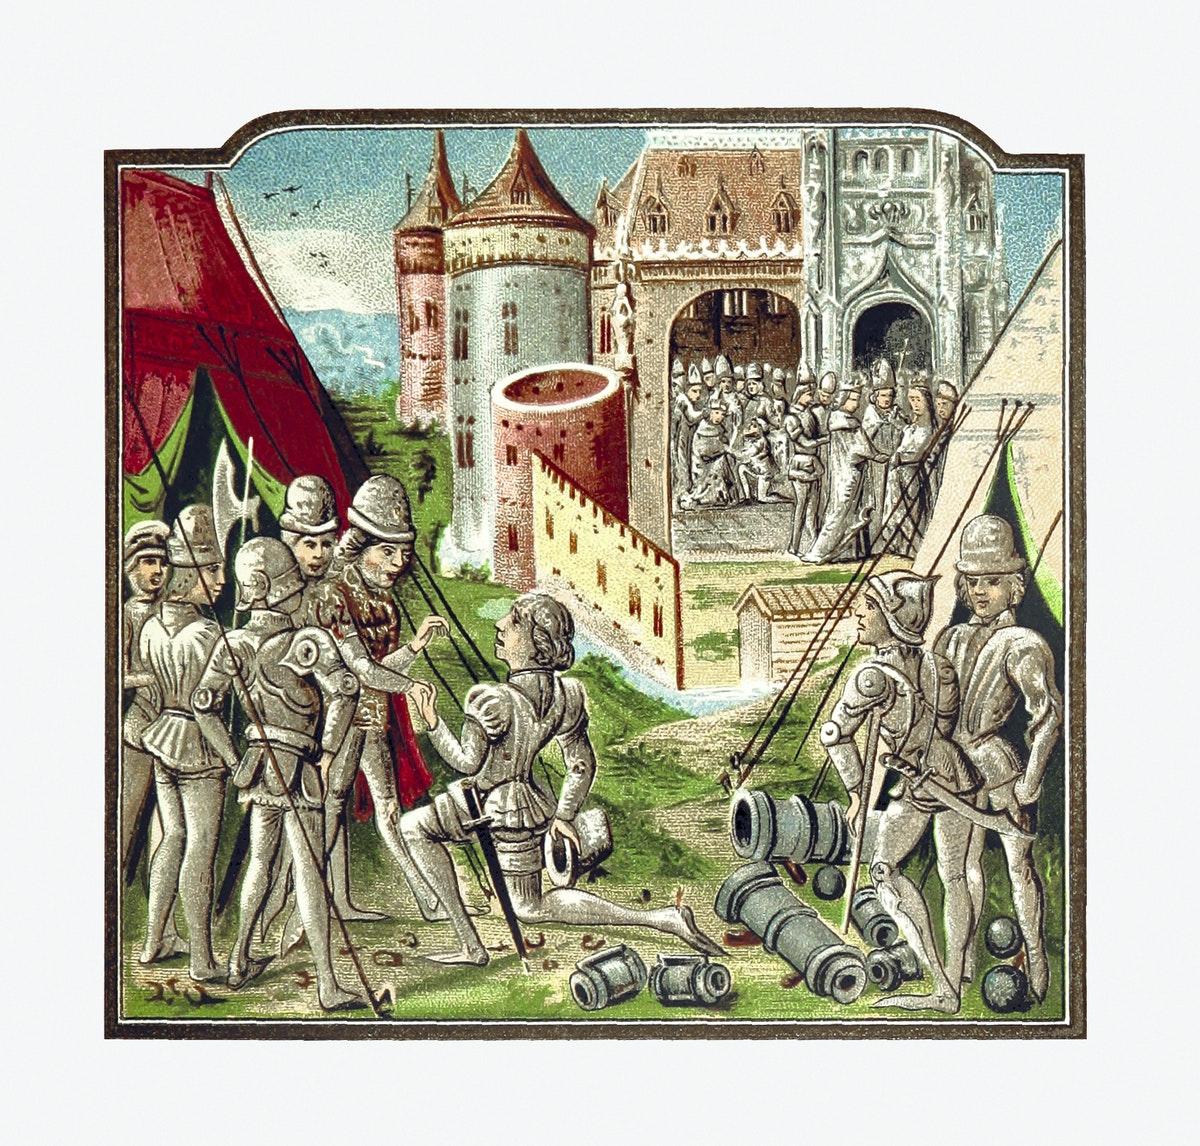 un chevalier rendant ses armes devant un château